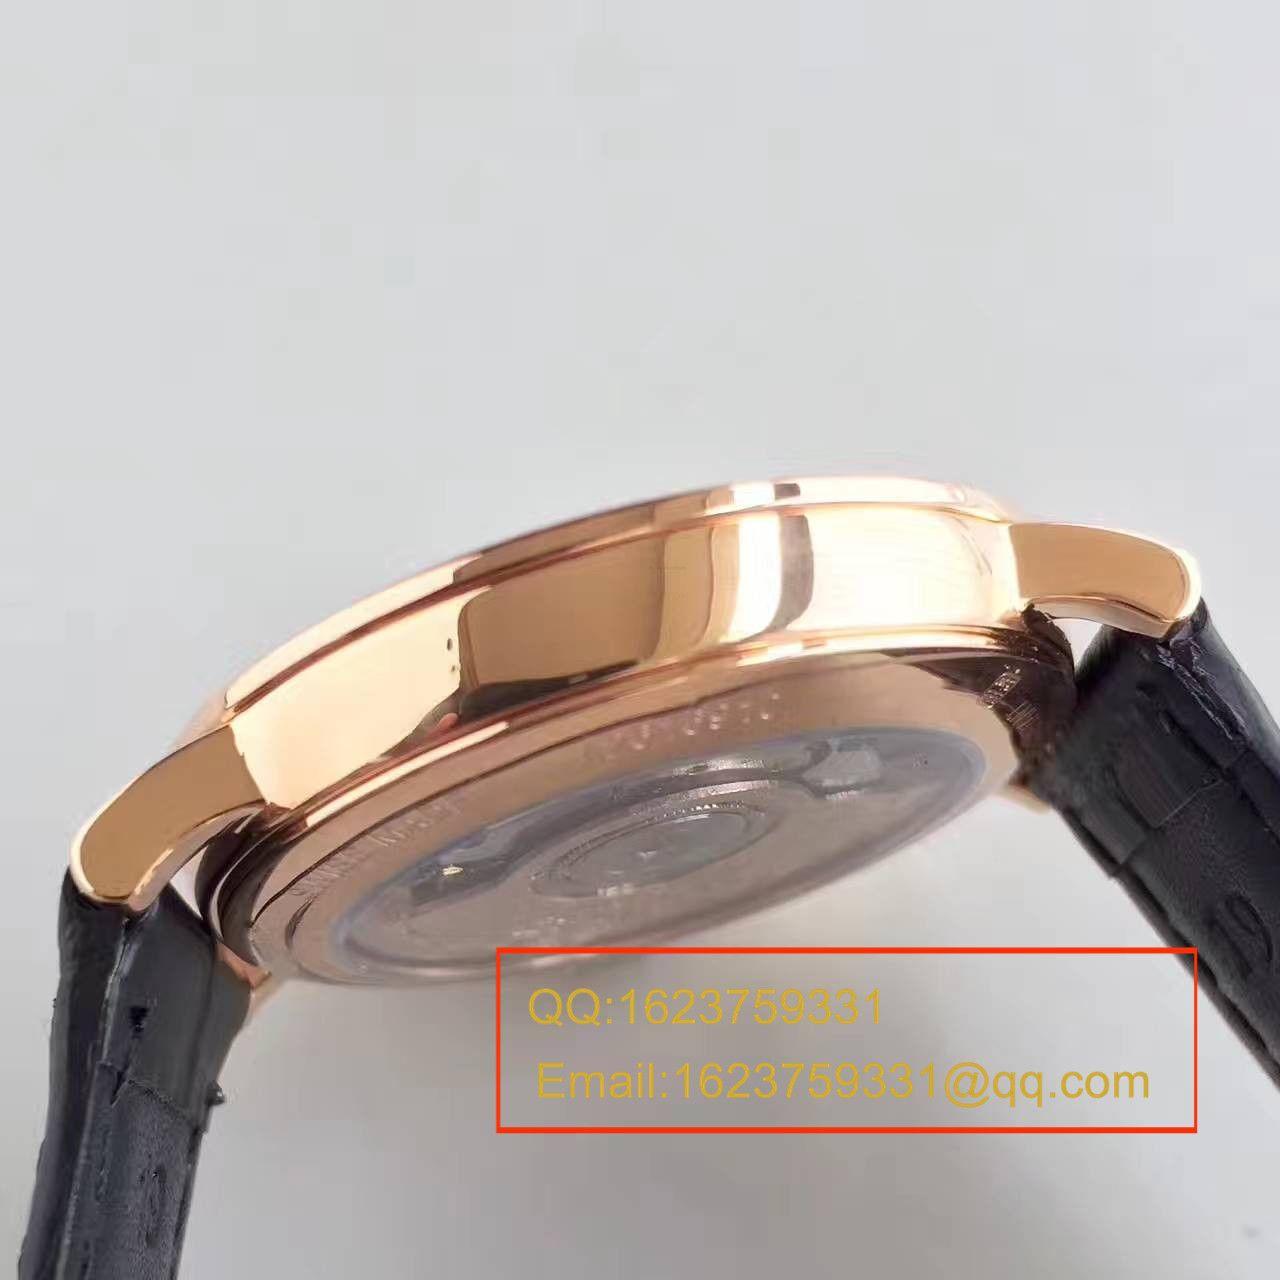 【台湾厂一比一超A精仿手表】浪琴制表传统博雅系列L4.787.8.11.0腕表 / L092